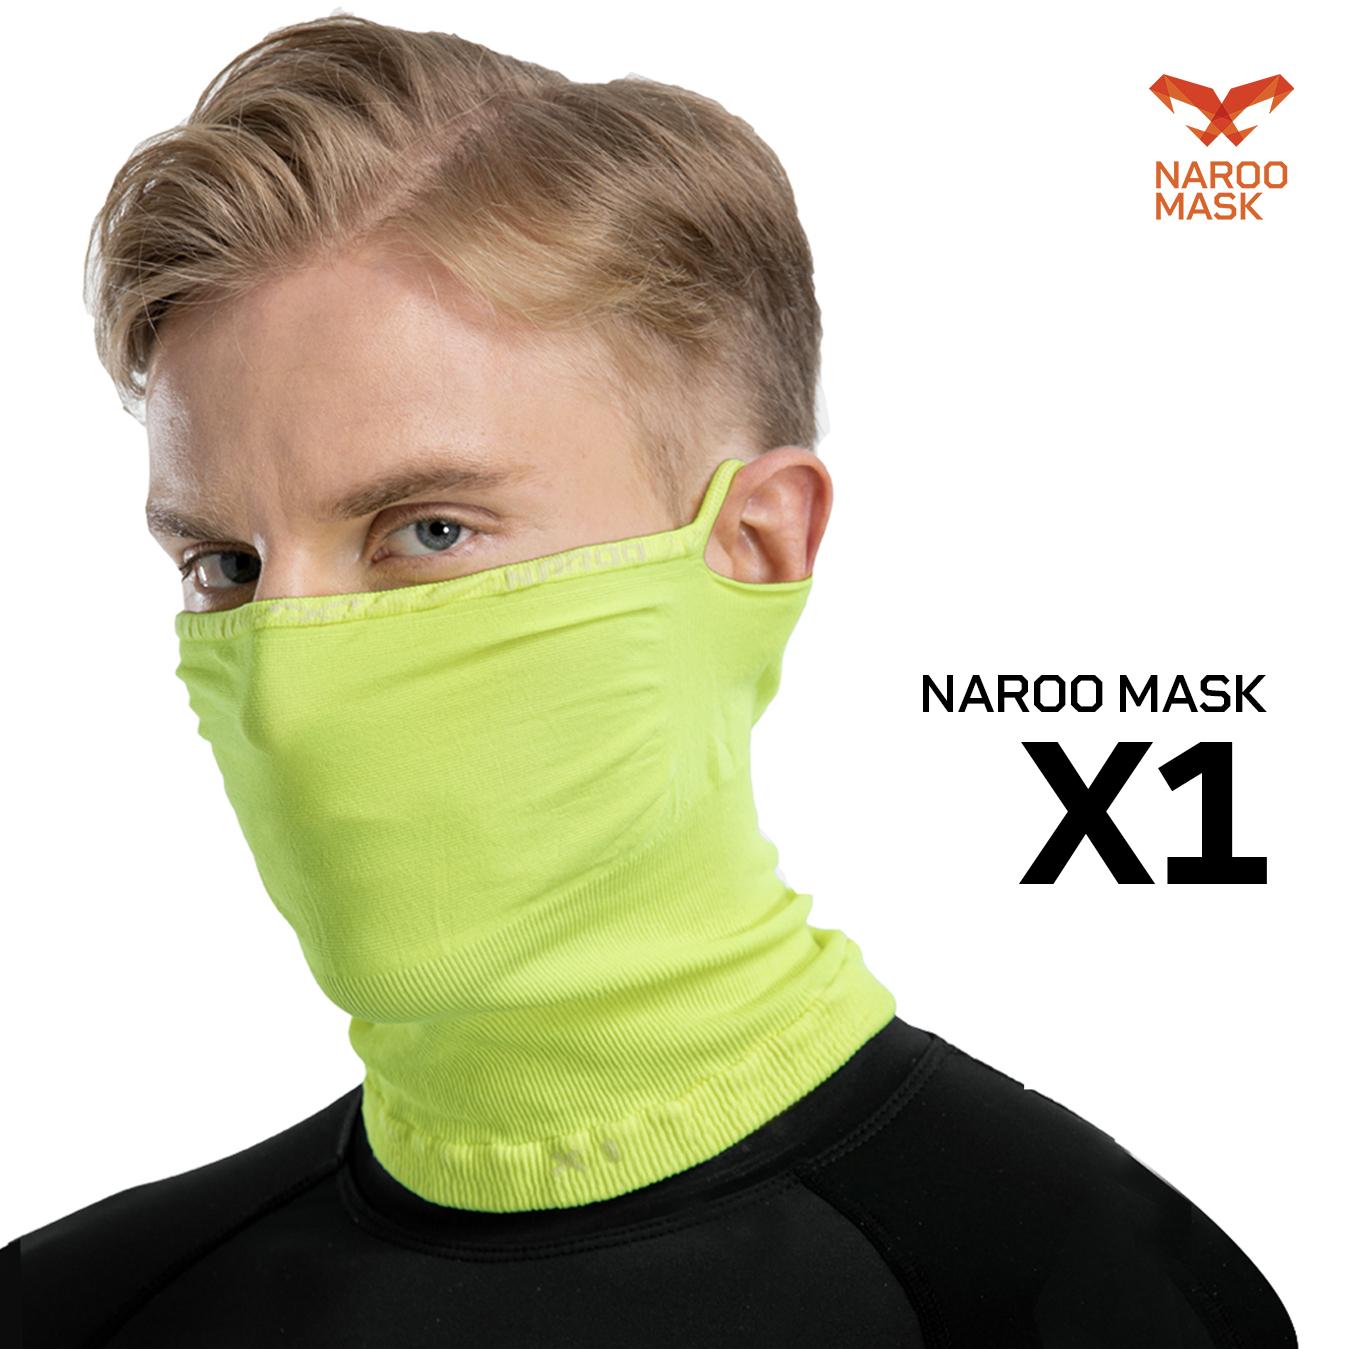 送料無料 夏でも涼しいフェイスマスクです サイクリング テニス 等あらゆるスポーツでご使用いただけます スポーツマスク 夏用 息がしやすい Naroo Mask X1 フェイスマスク 希望者のみラッピング無料 UVカット 日焼け防止 スポーツ カラーマスク 軽量 ランニング レディース 男女兼用 ウォーキング 運動 速乾 メンズ 苦しくない 公式サイト 洗えるマスク ストレッチ素材 薄いマスク 吸汗速乾 ジョギング やわらか